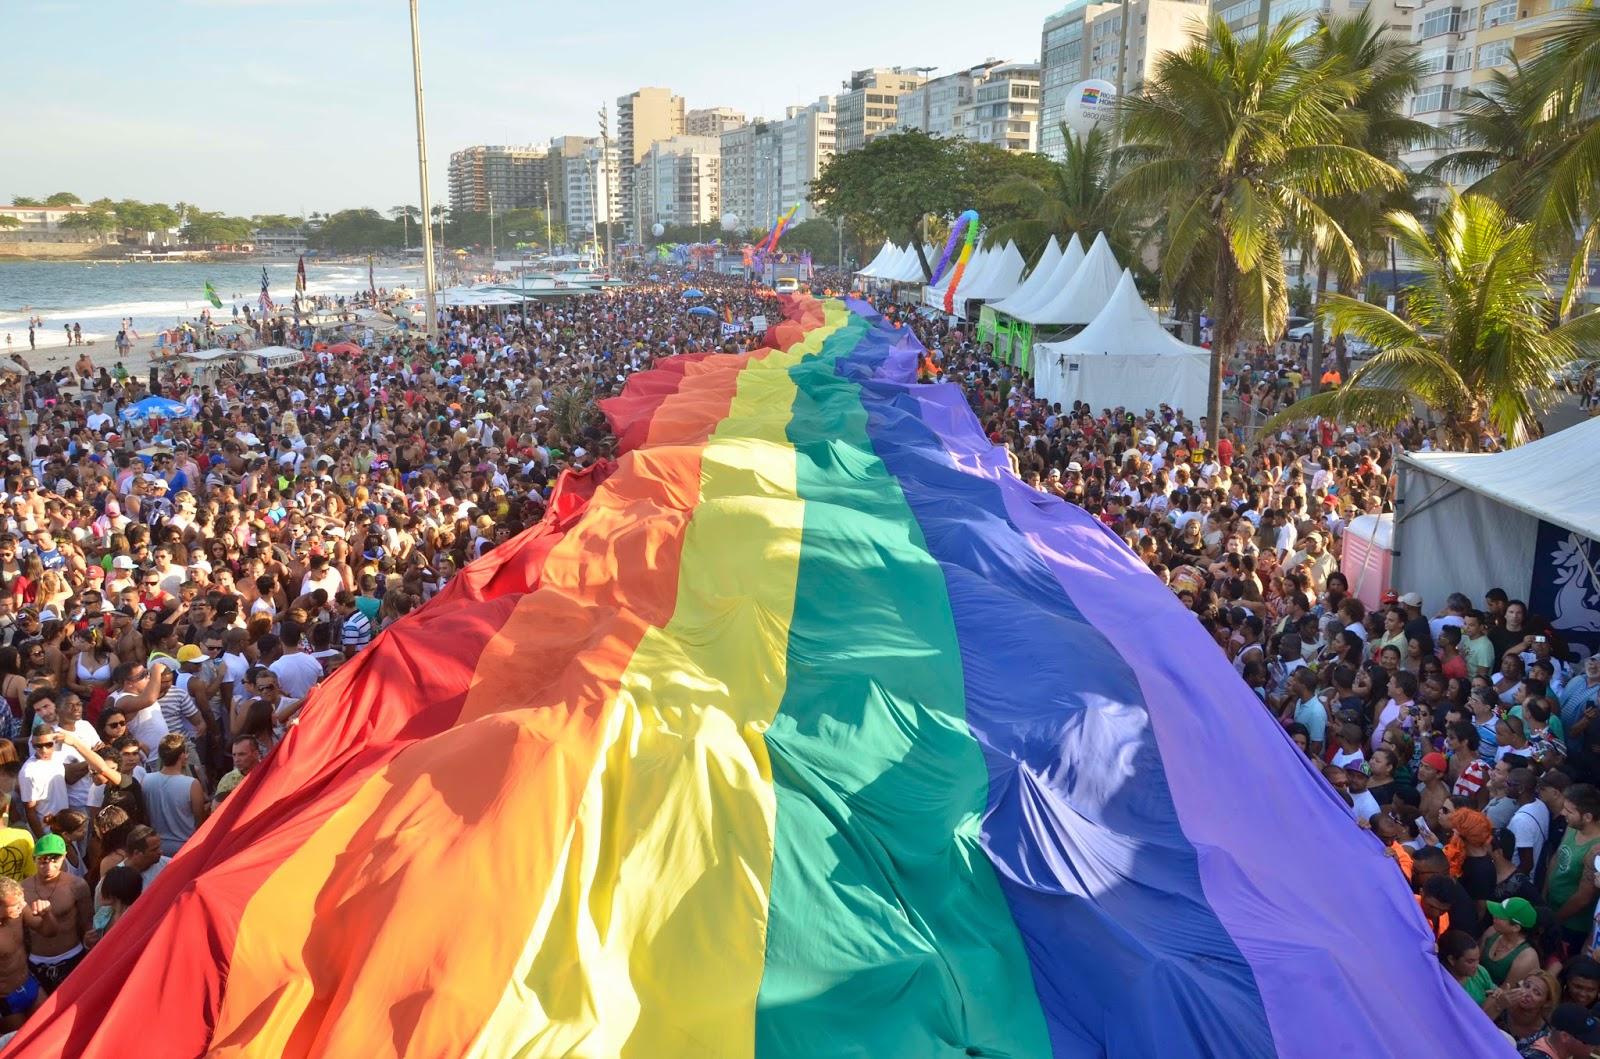 66c2edc44 19ª Parada do Orgulho LGBT Rio - domingo